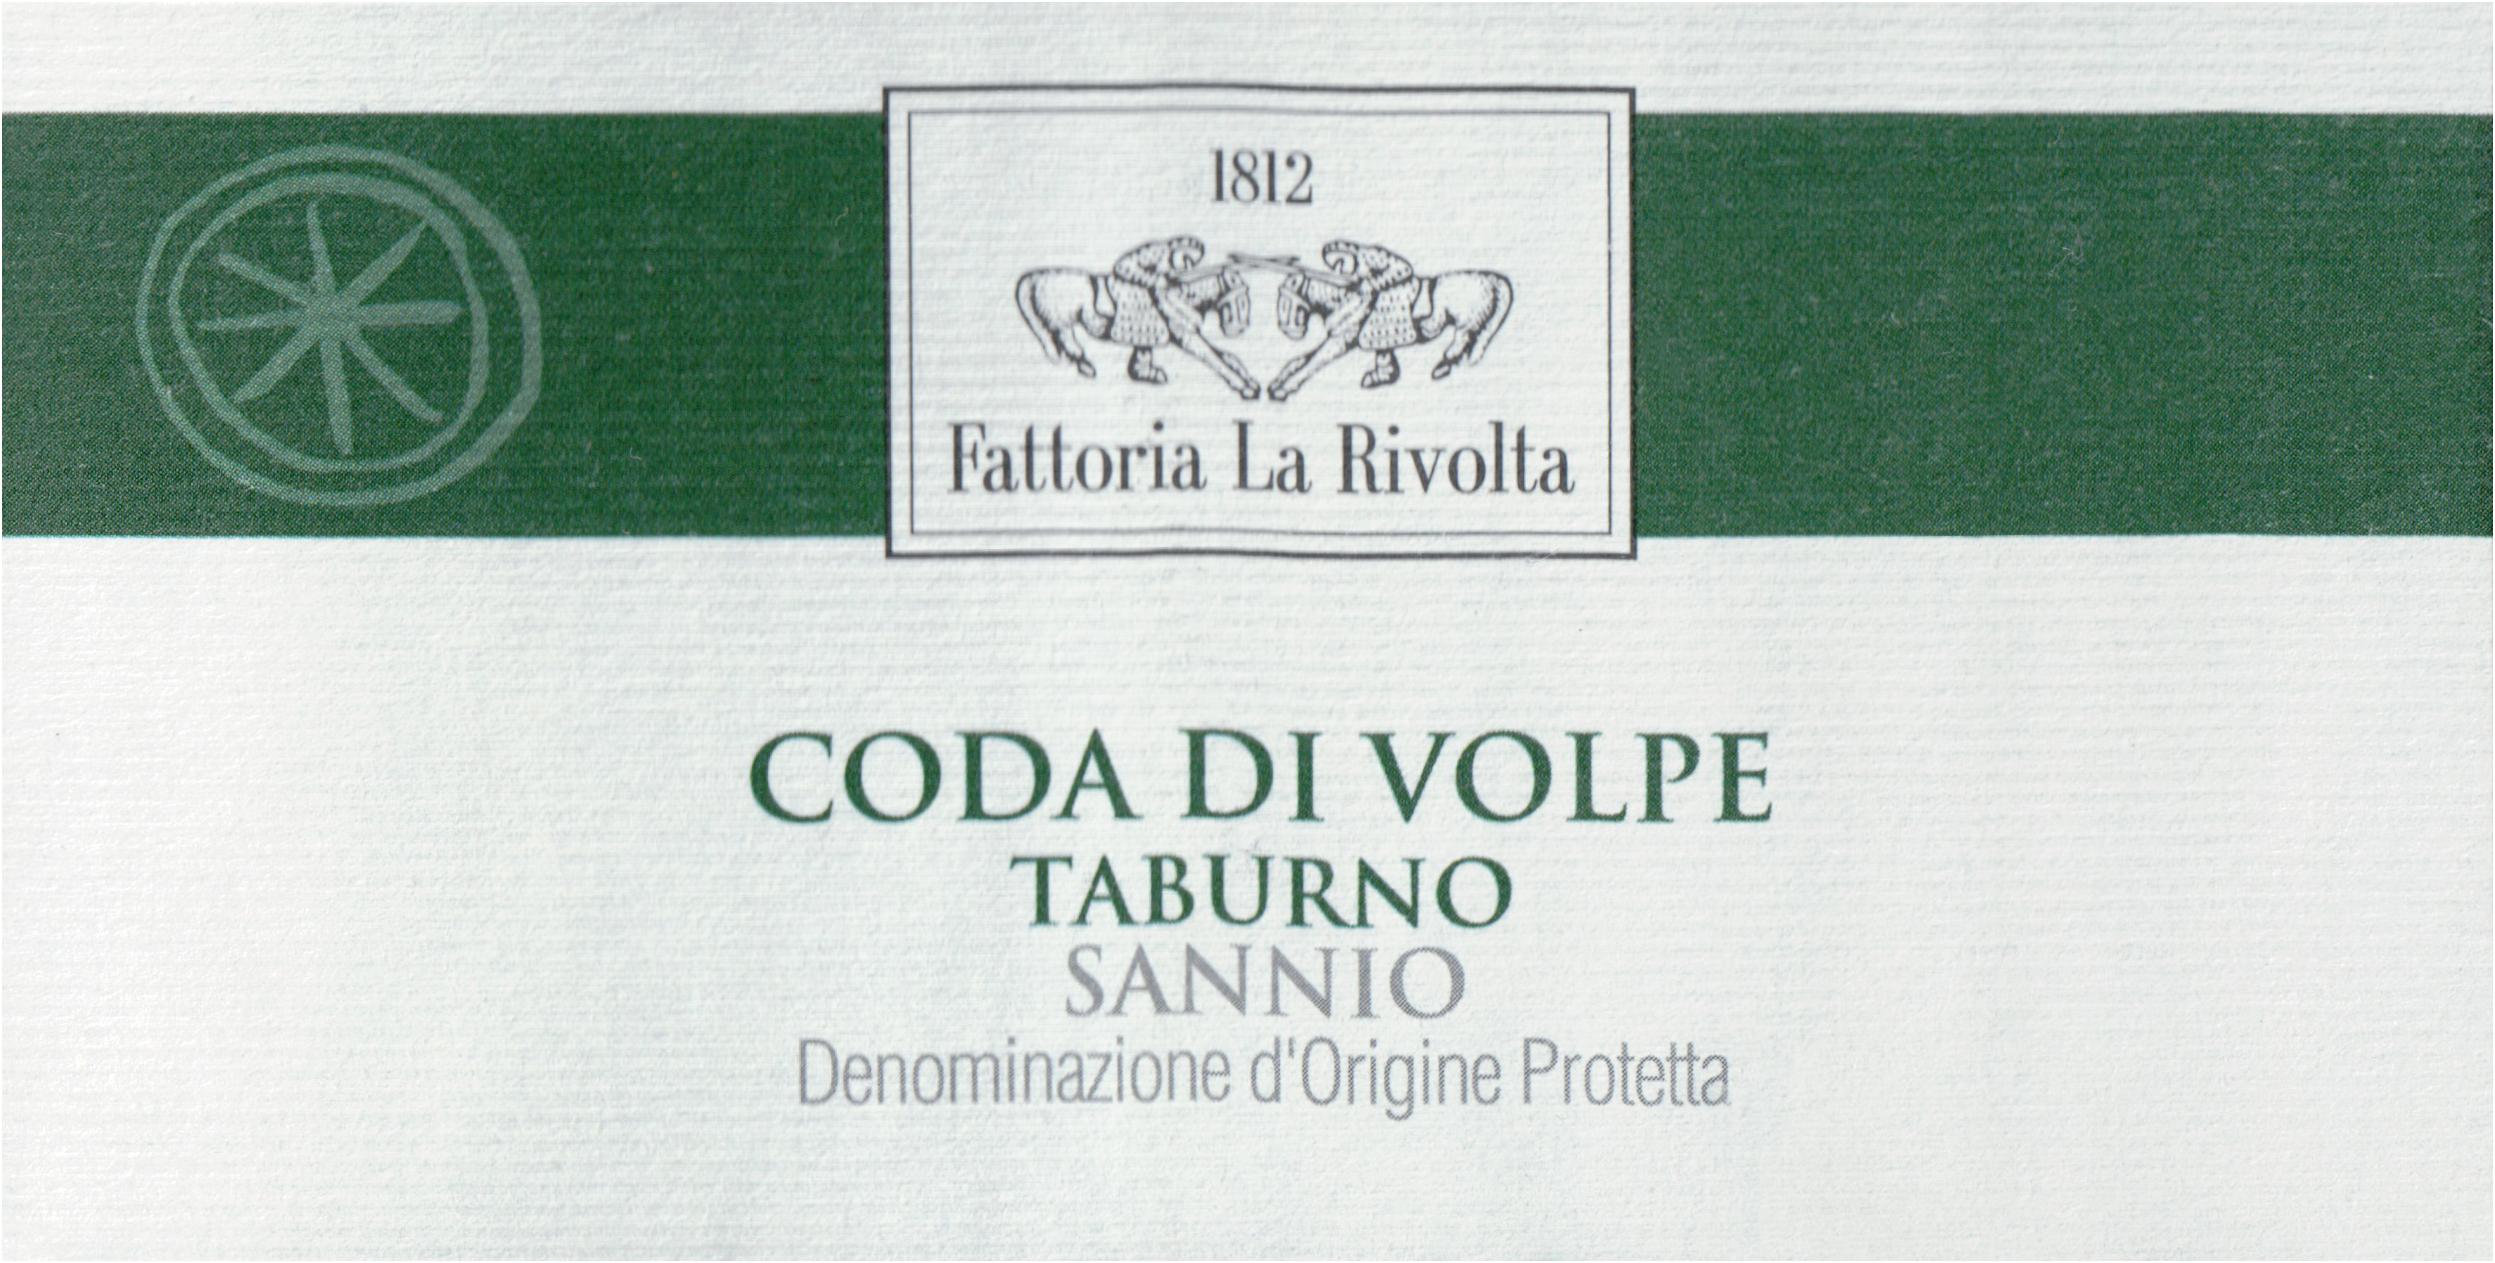 La Rivolta Coda Di Volpe Campania 2018